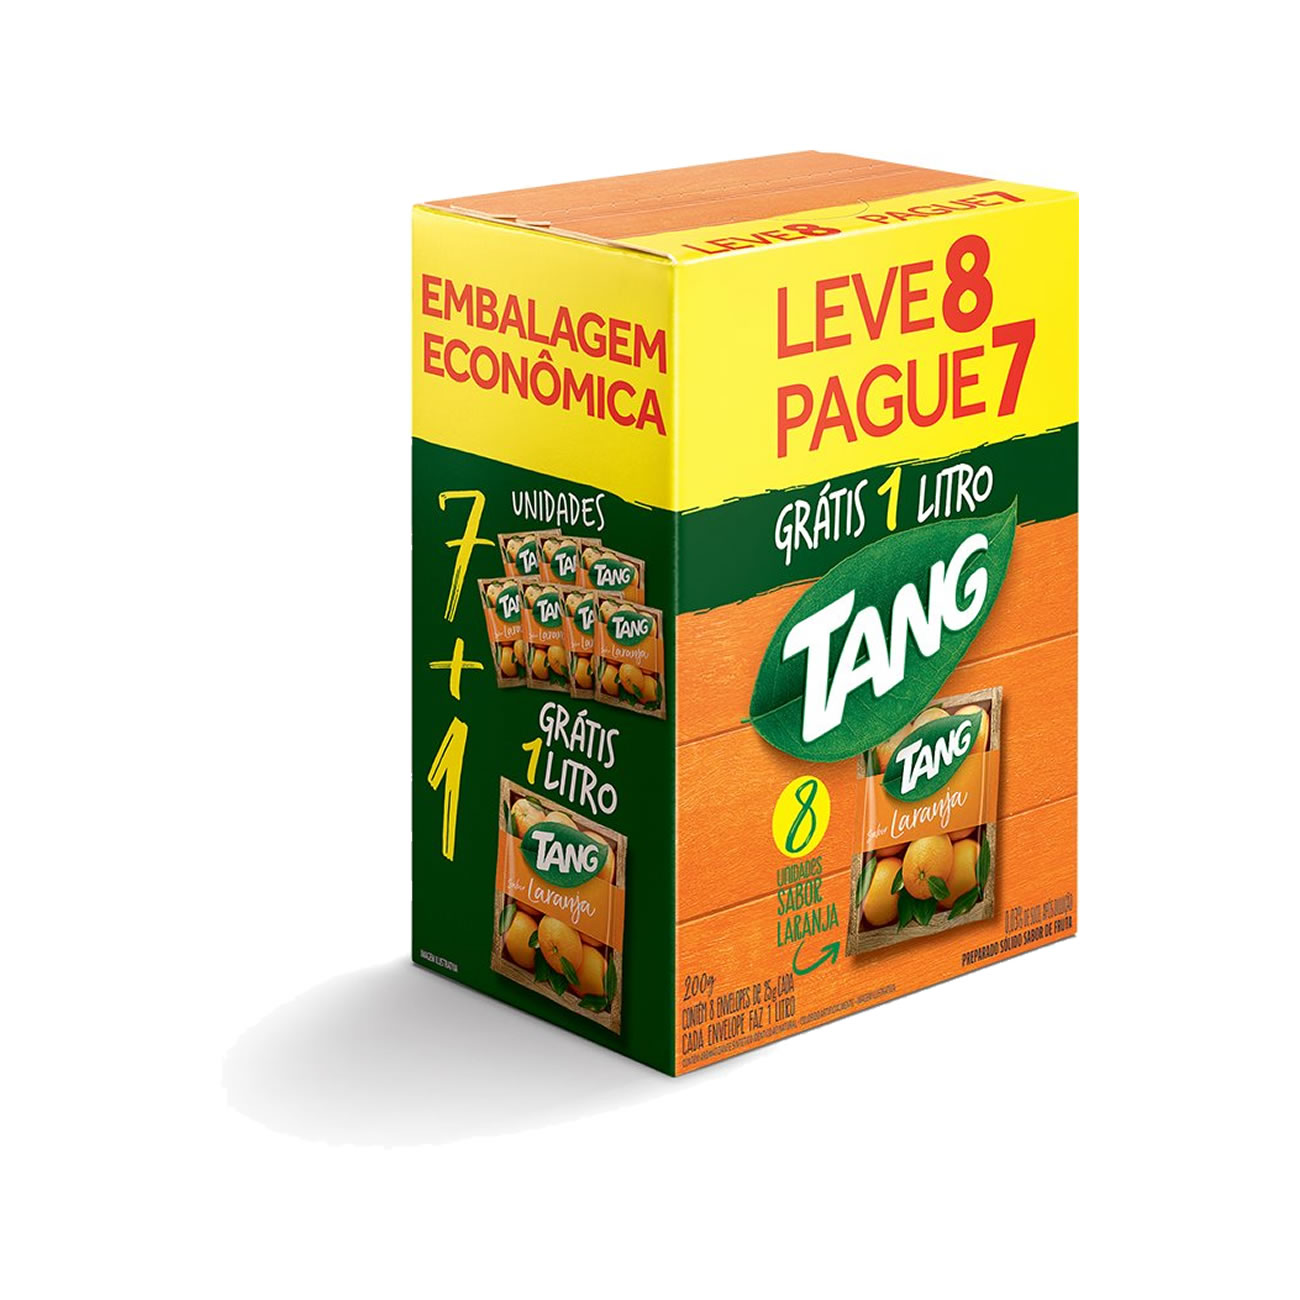 Refresco Tang Laranja Pack Promocional 25 g